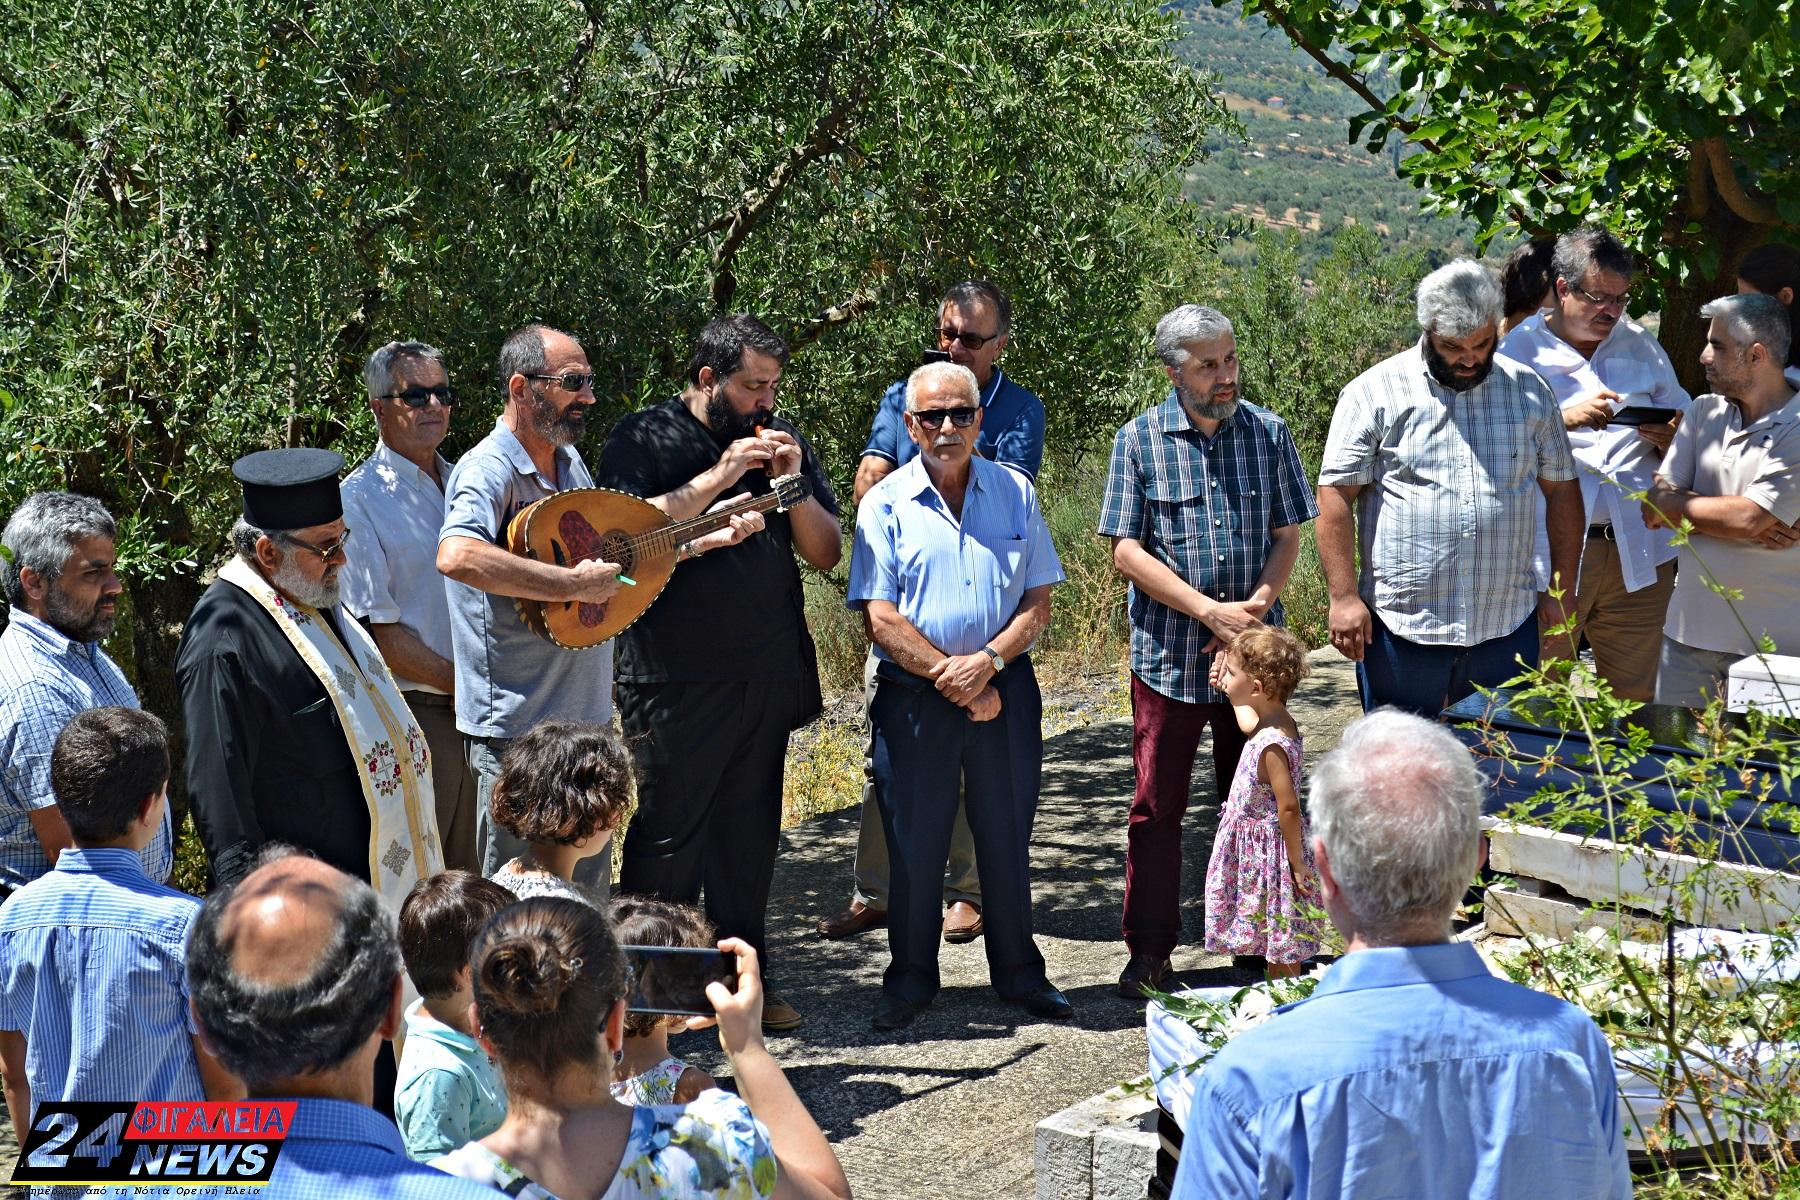 Νέα Φιγαλεία: Έφυγε για το τελευταίο της ταξίδι η Αγγελική Καρά σύζυγος του μεγαλύτερου Έλληνα μουσικοδιδάσκαλου Σίμωνα Καρά (photos)